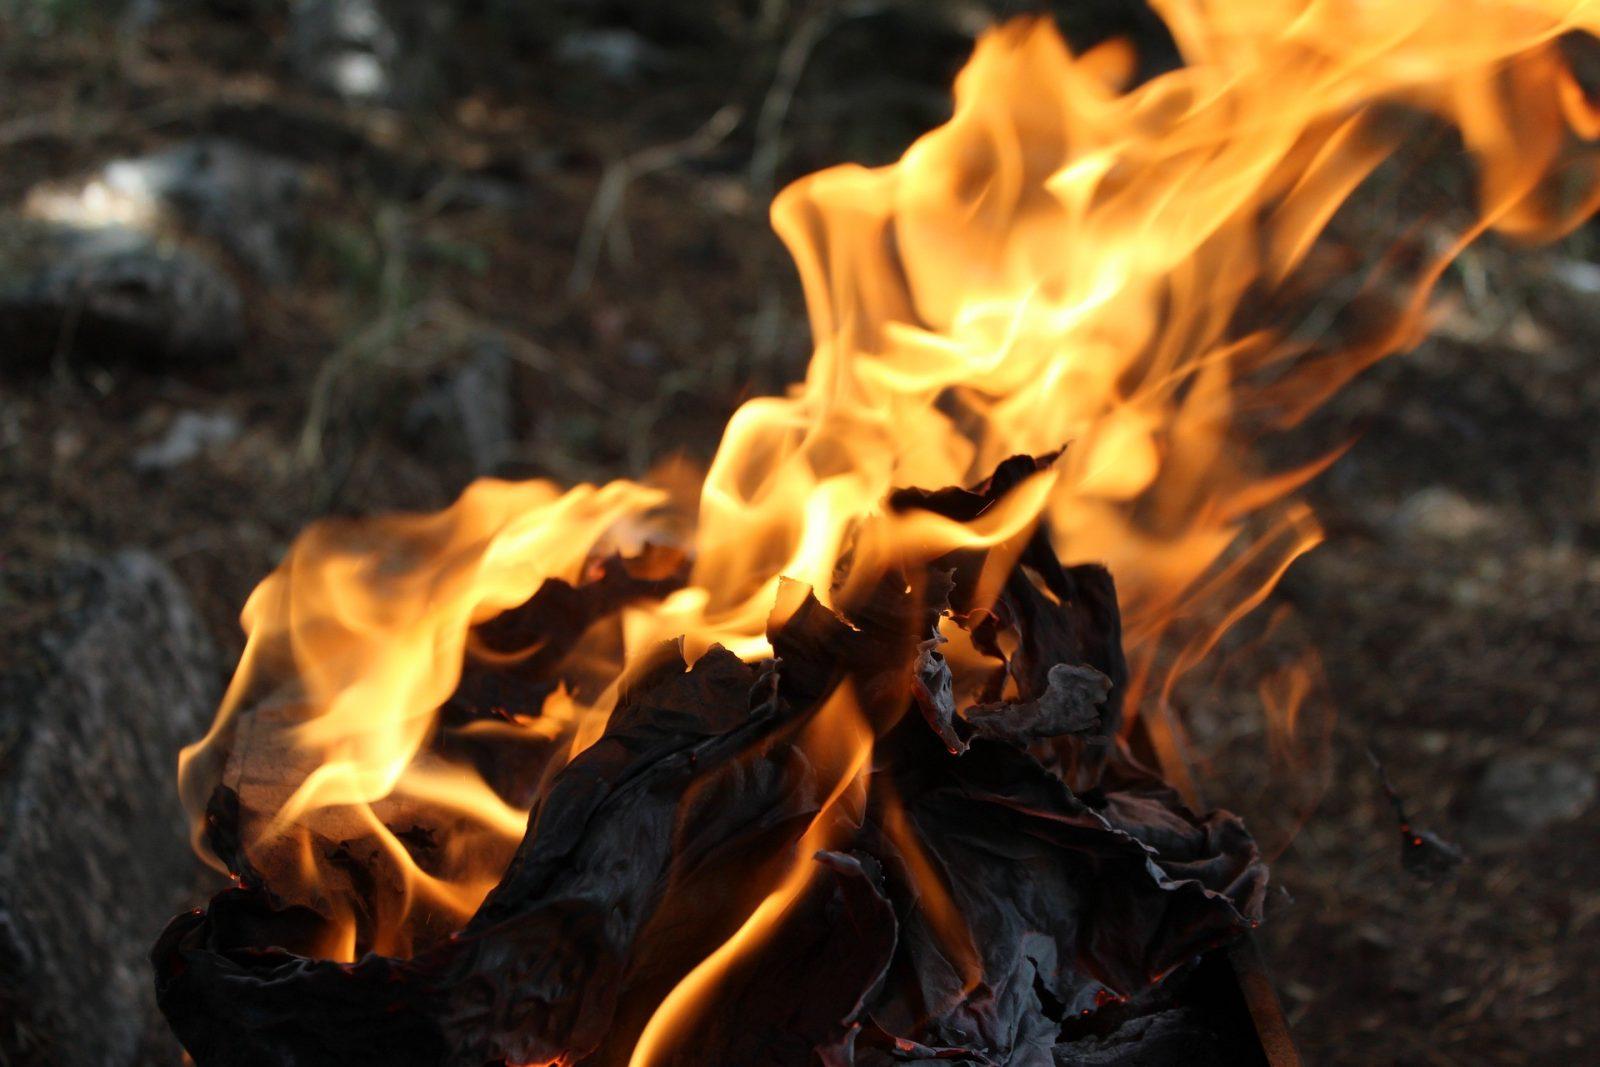 Levée de l'interdiction d'arrosage et de faire des feux à ciel ouvert